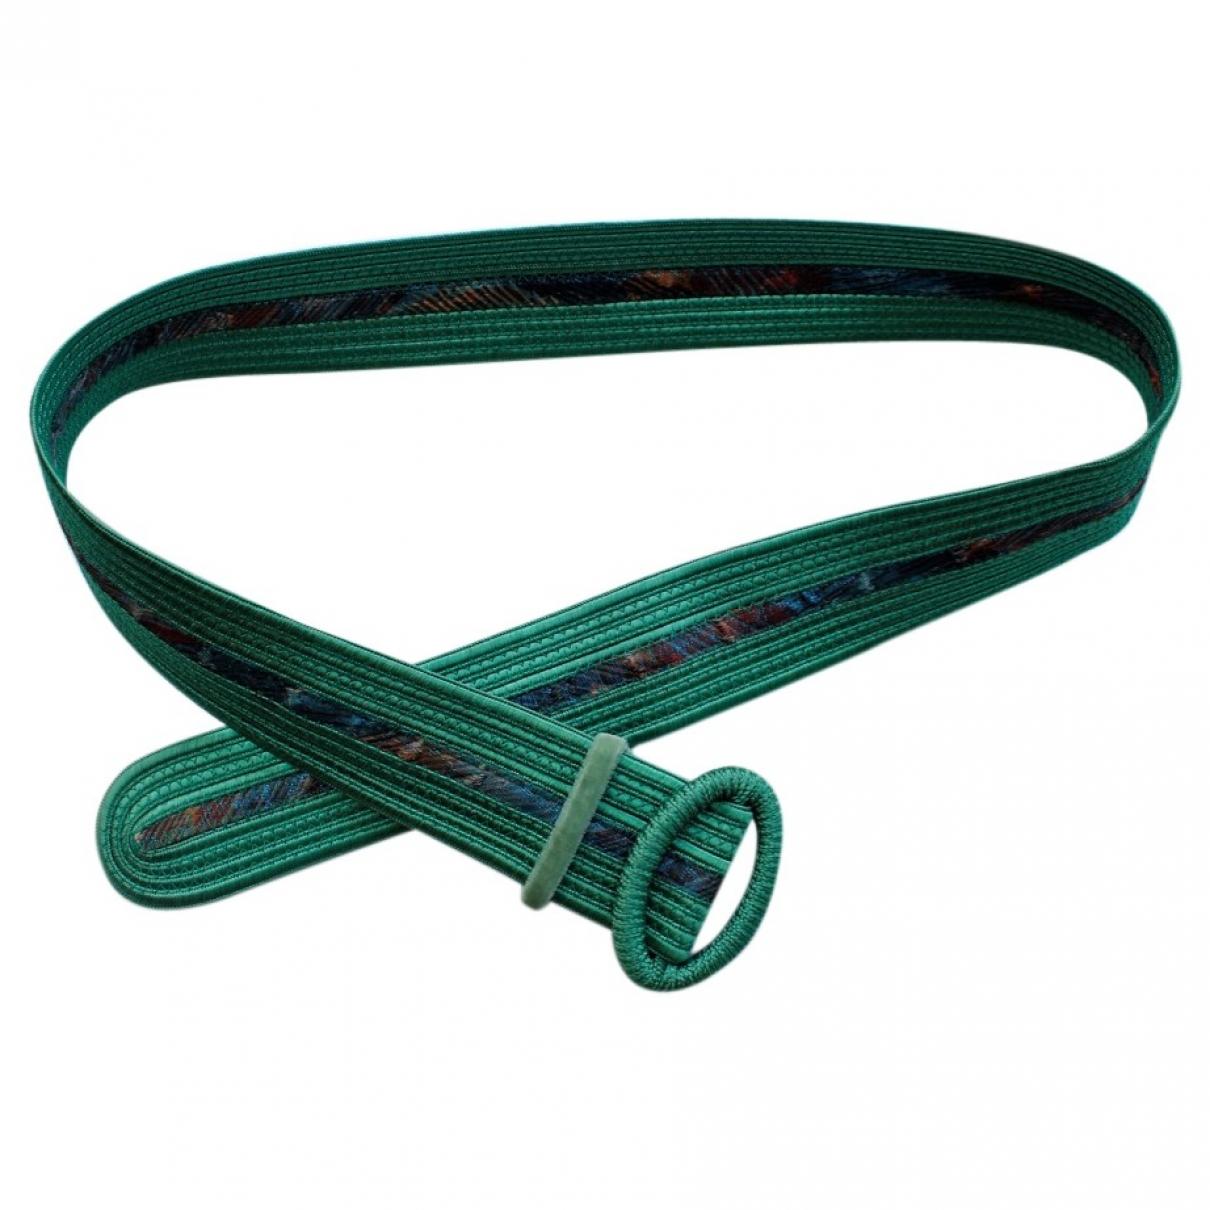 Yves Saint Laurent \N Green Cotton belt for Women 85 cm